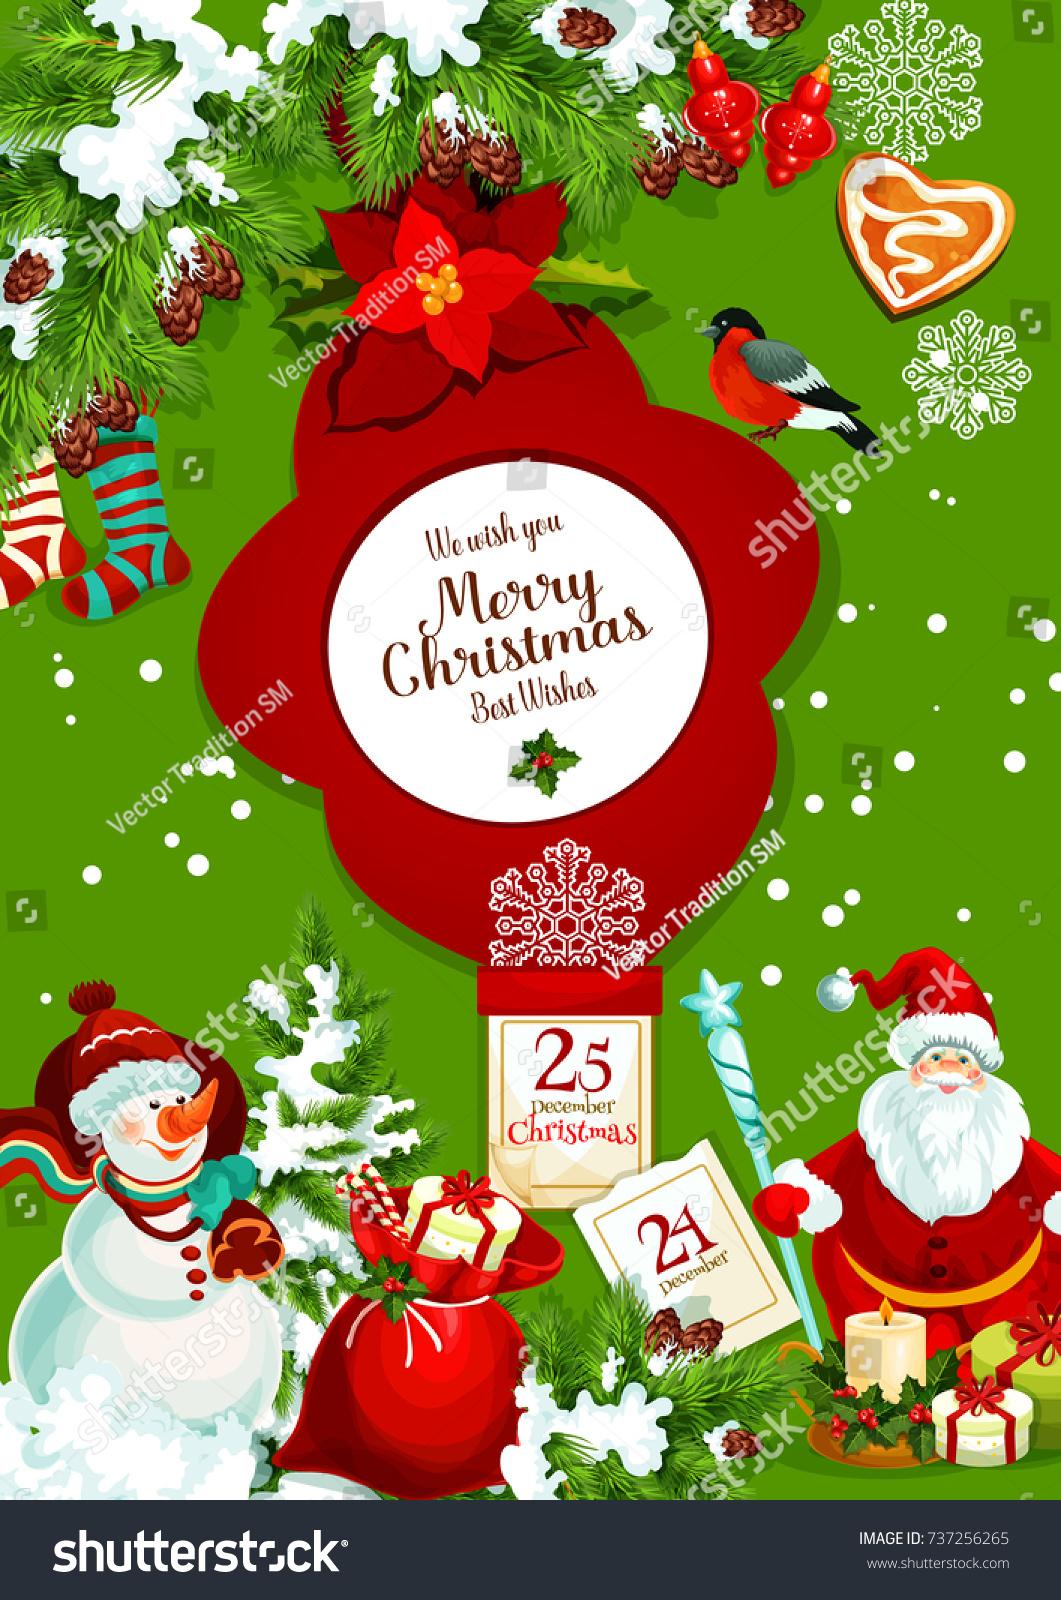 Santa claus snowman gift bag christmas stock vector 737256265 santa claus and snowman with gift bag for christmas greeting banner xmas tree and holly kristyandbryce Choice Image